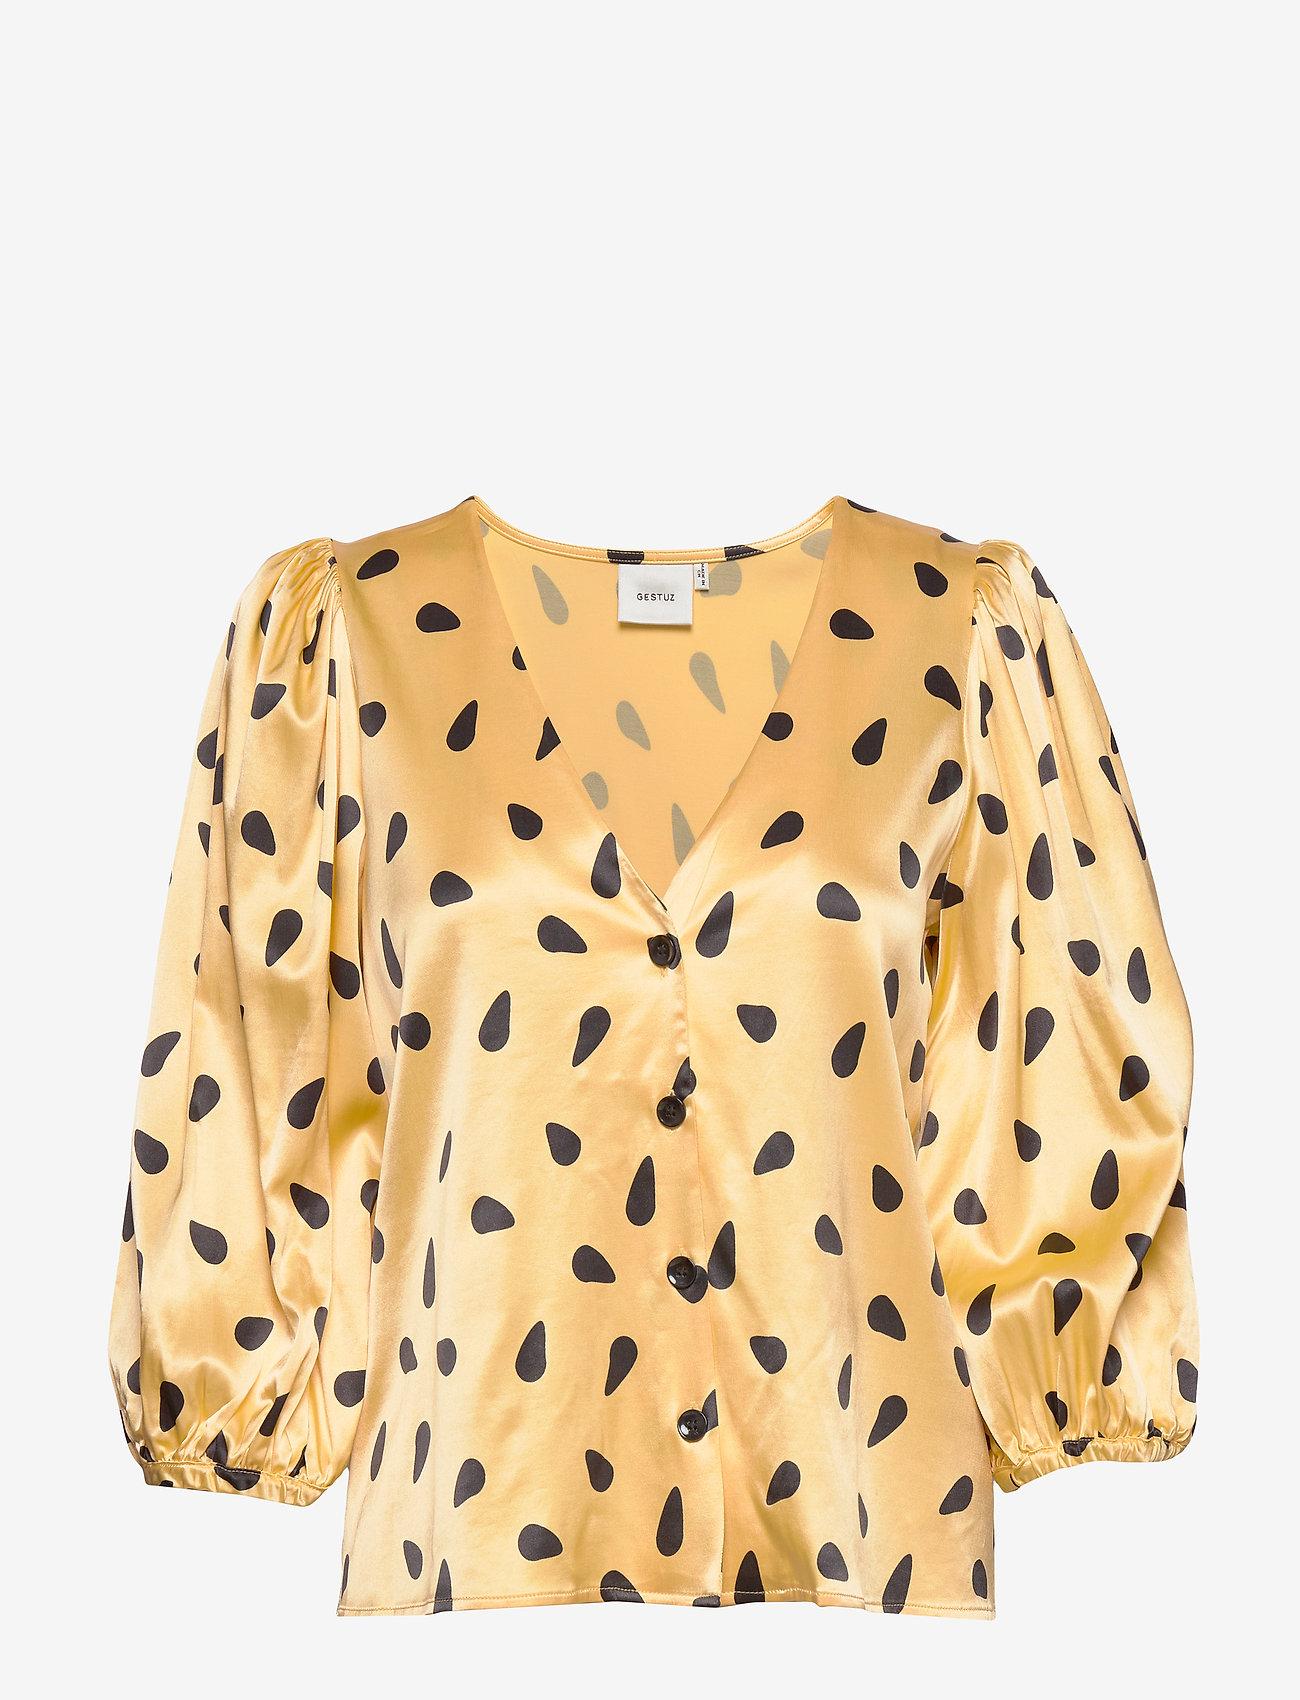 Gestuz - LutilleGZ shirt HS20 - langærmede bluser - yellow black dot - 1